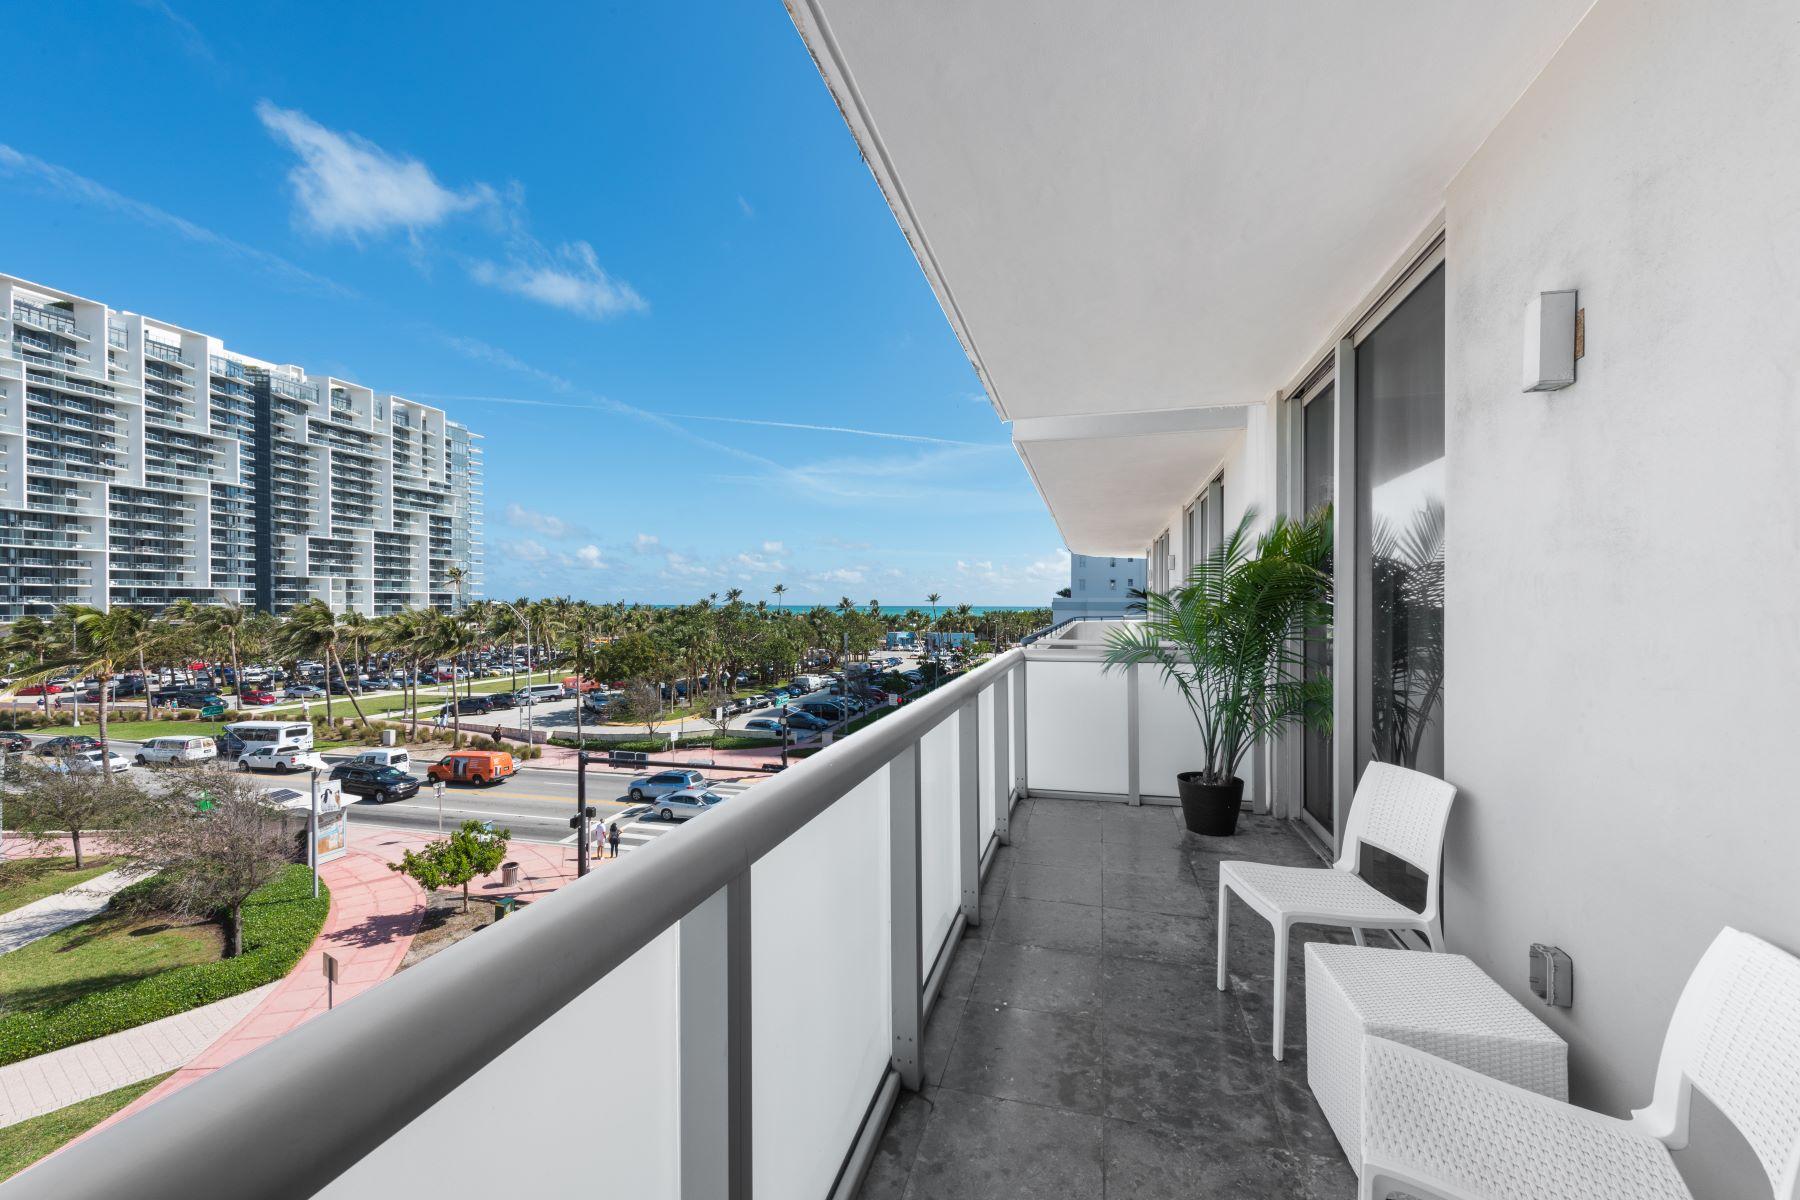 共管式独立产权公寓 为 销售 在 220 21st St 220 21st St 403, 迈阿密海滩, 佛罗里达州, 33139 美国